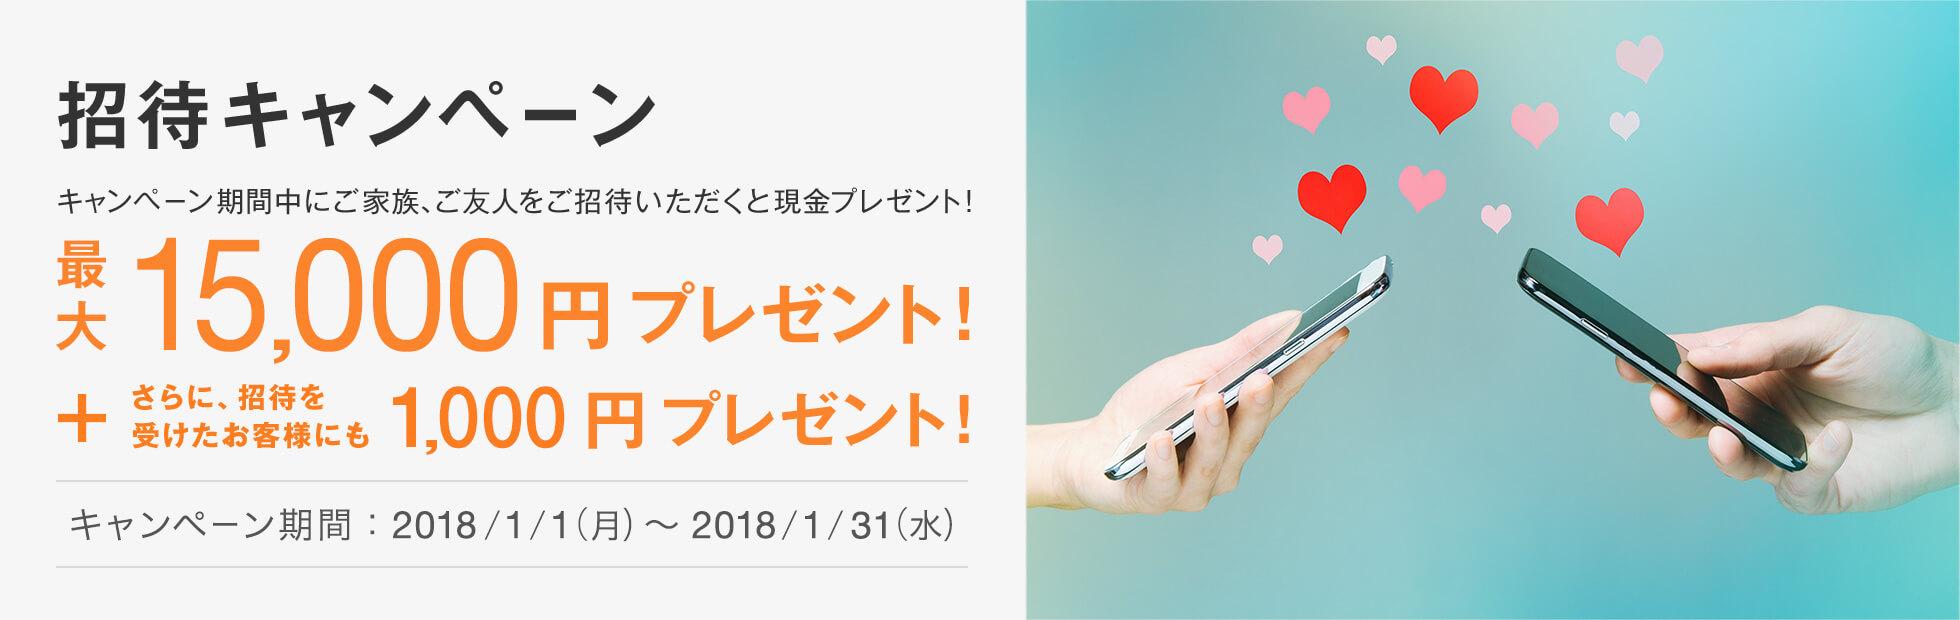 招待キャンペーン:キャンペーン期間中にご家族、ご友人をご招待いただくと最大15,000円プレゼント!さらに、招待を受けたご友人にも1,000円プレゼント!